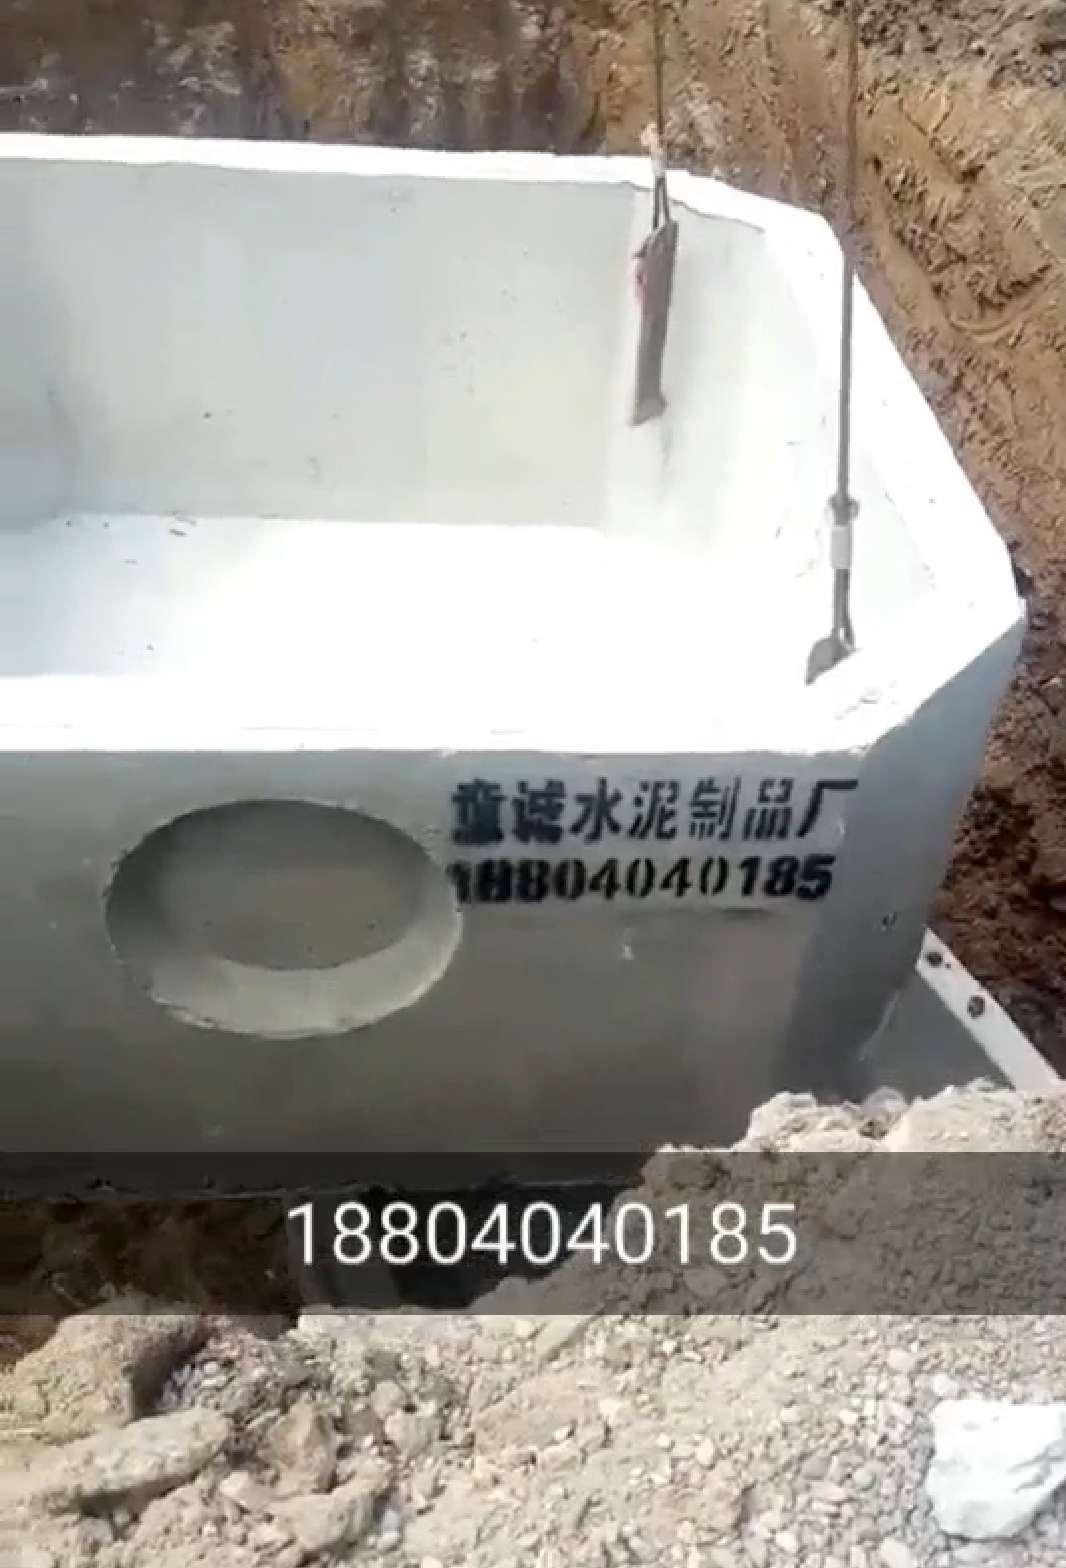 【强盛】【特惠价】内蒙古化粪池,内蒙古检查井